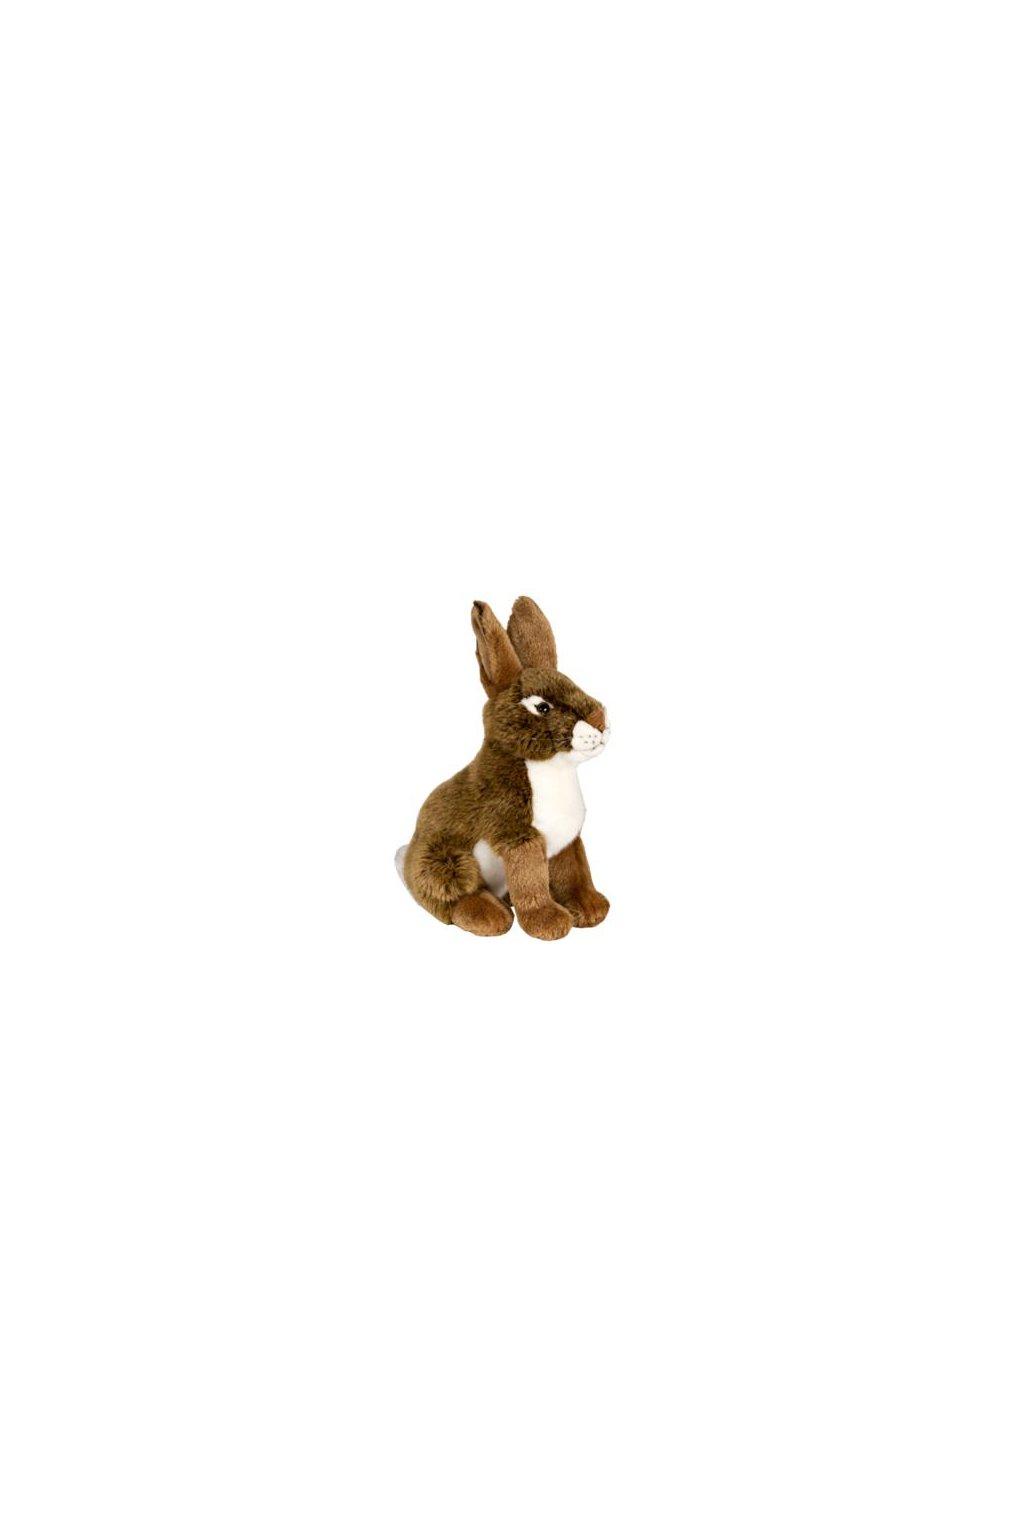 plush animal hare sitting